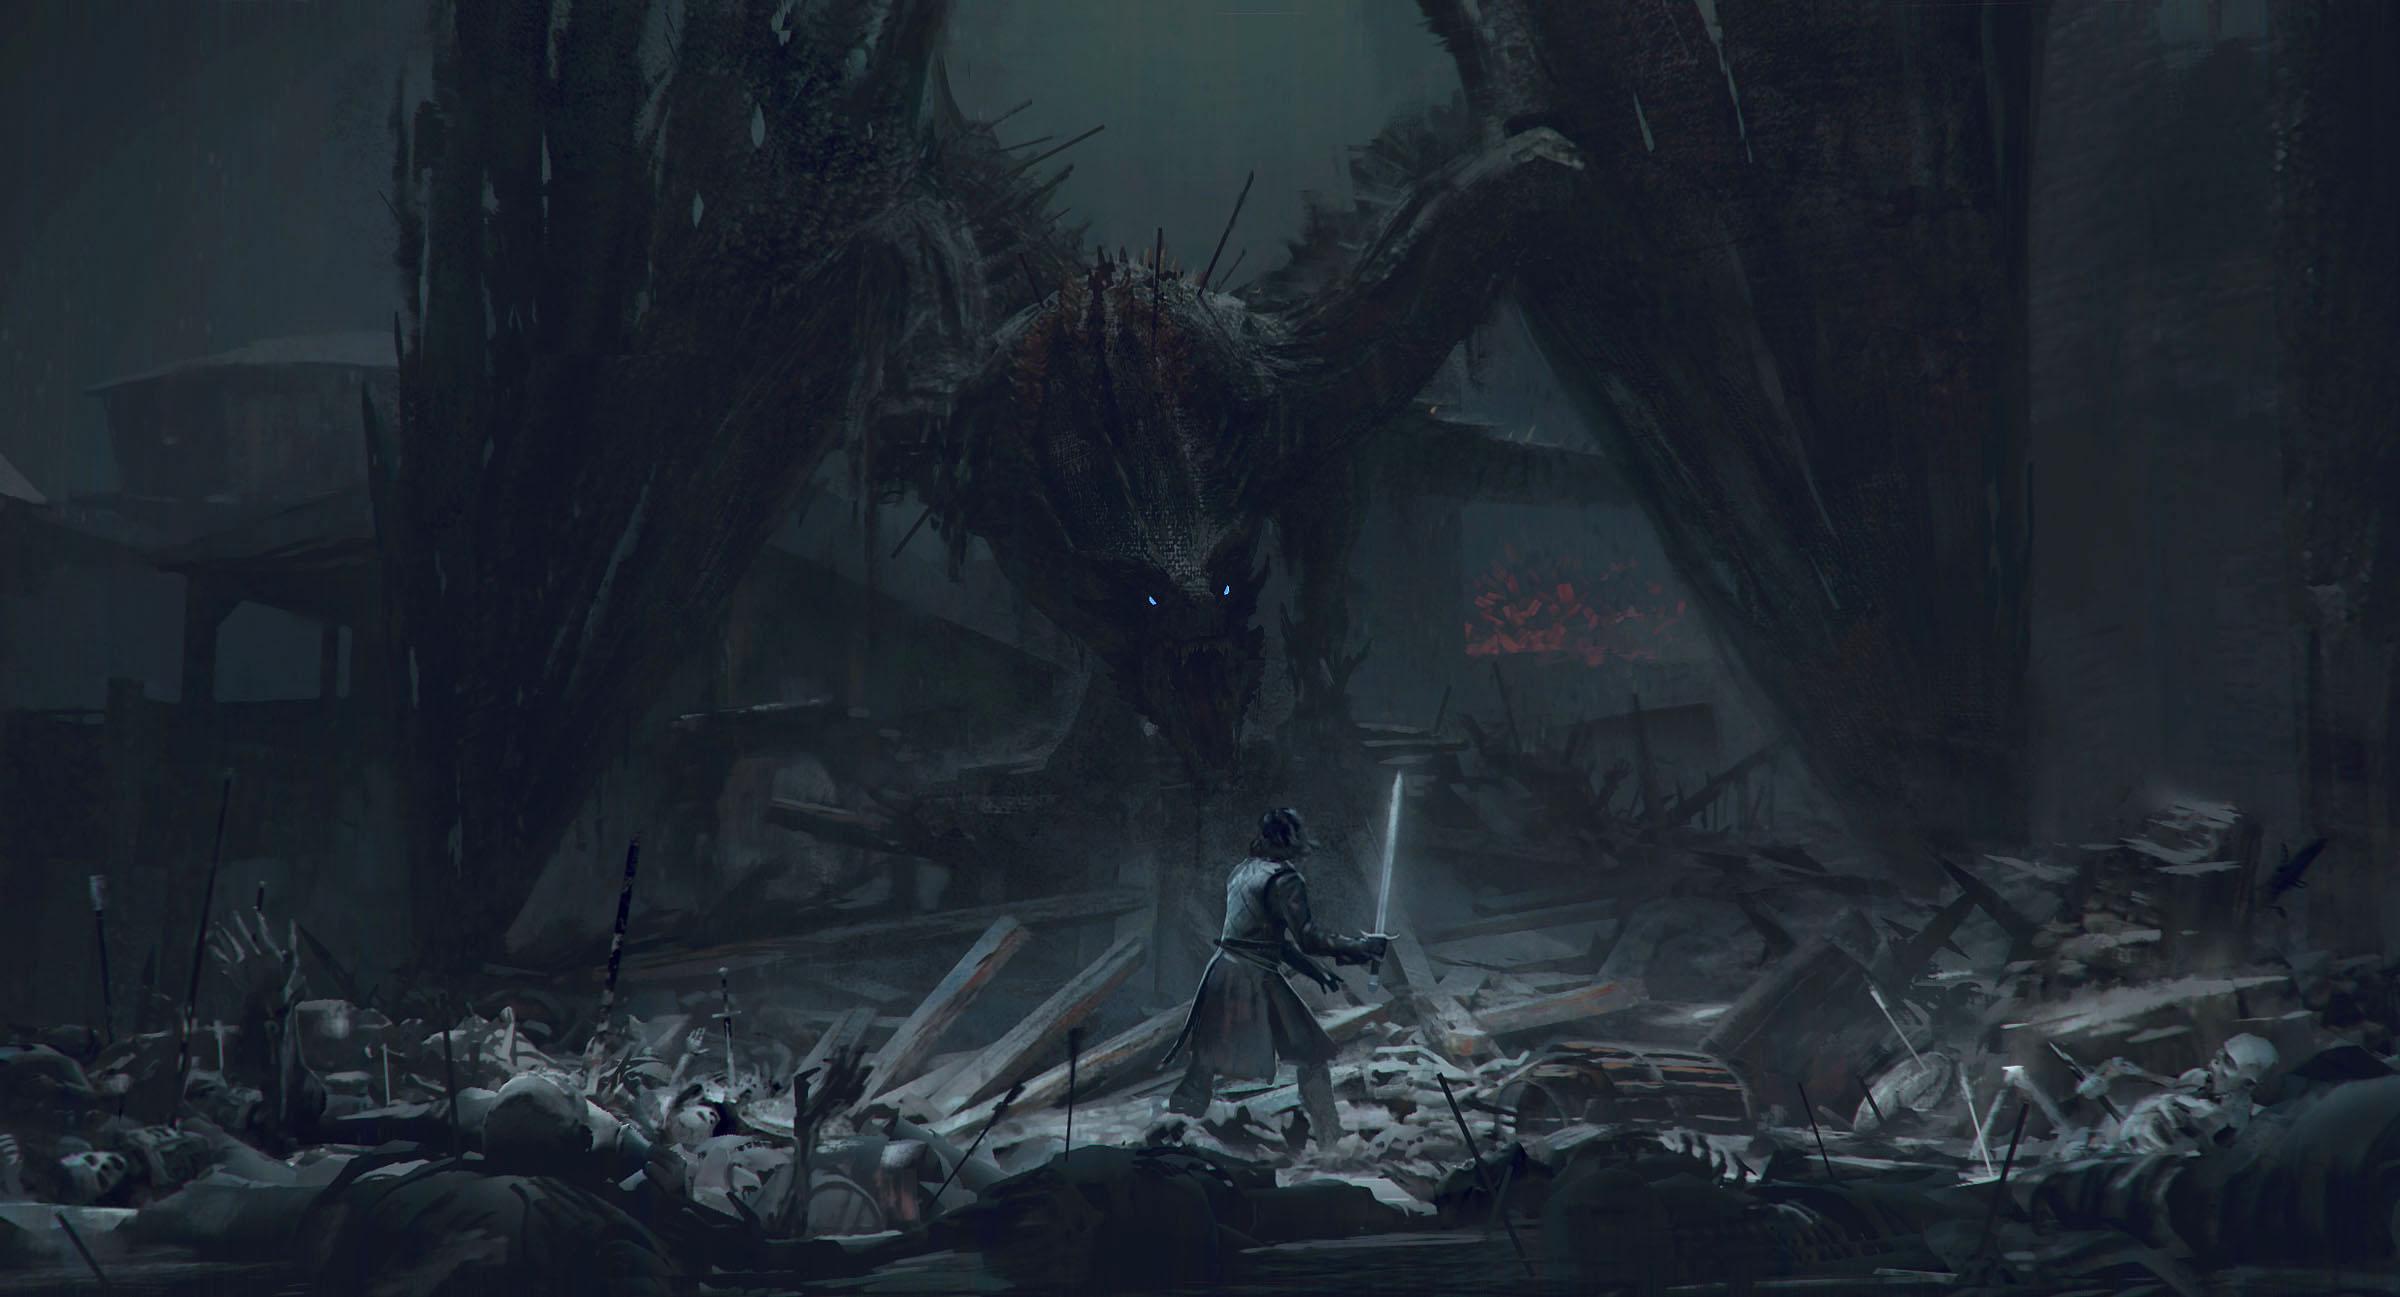 GOT8_Winterfell_Viserion_Courtyard_skt_006b_ps copy.jpg